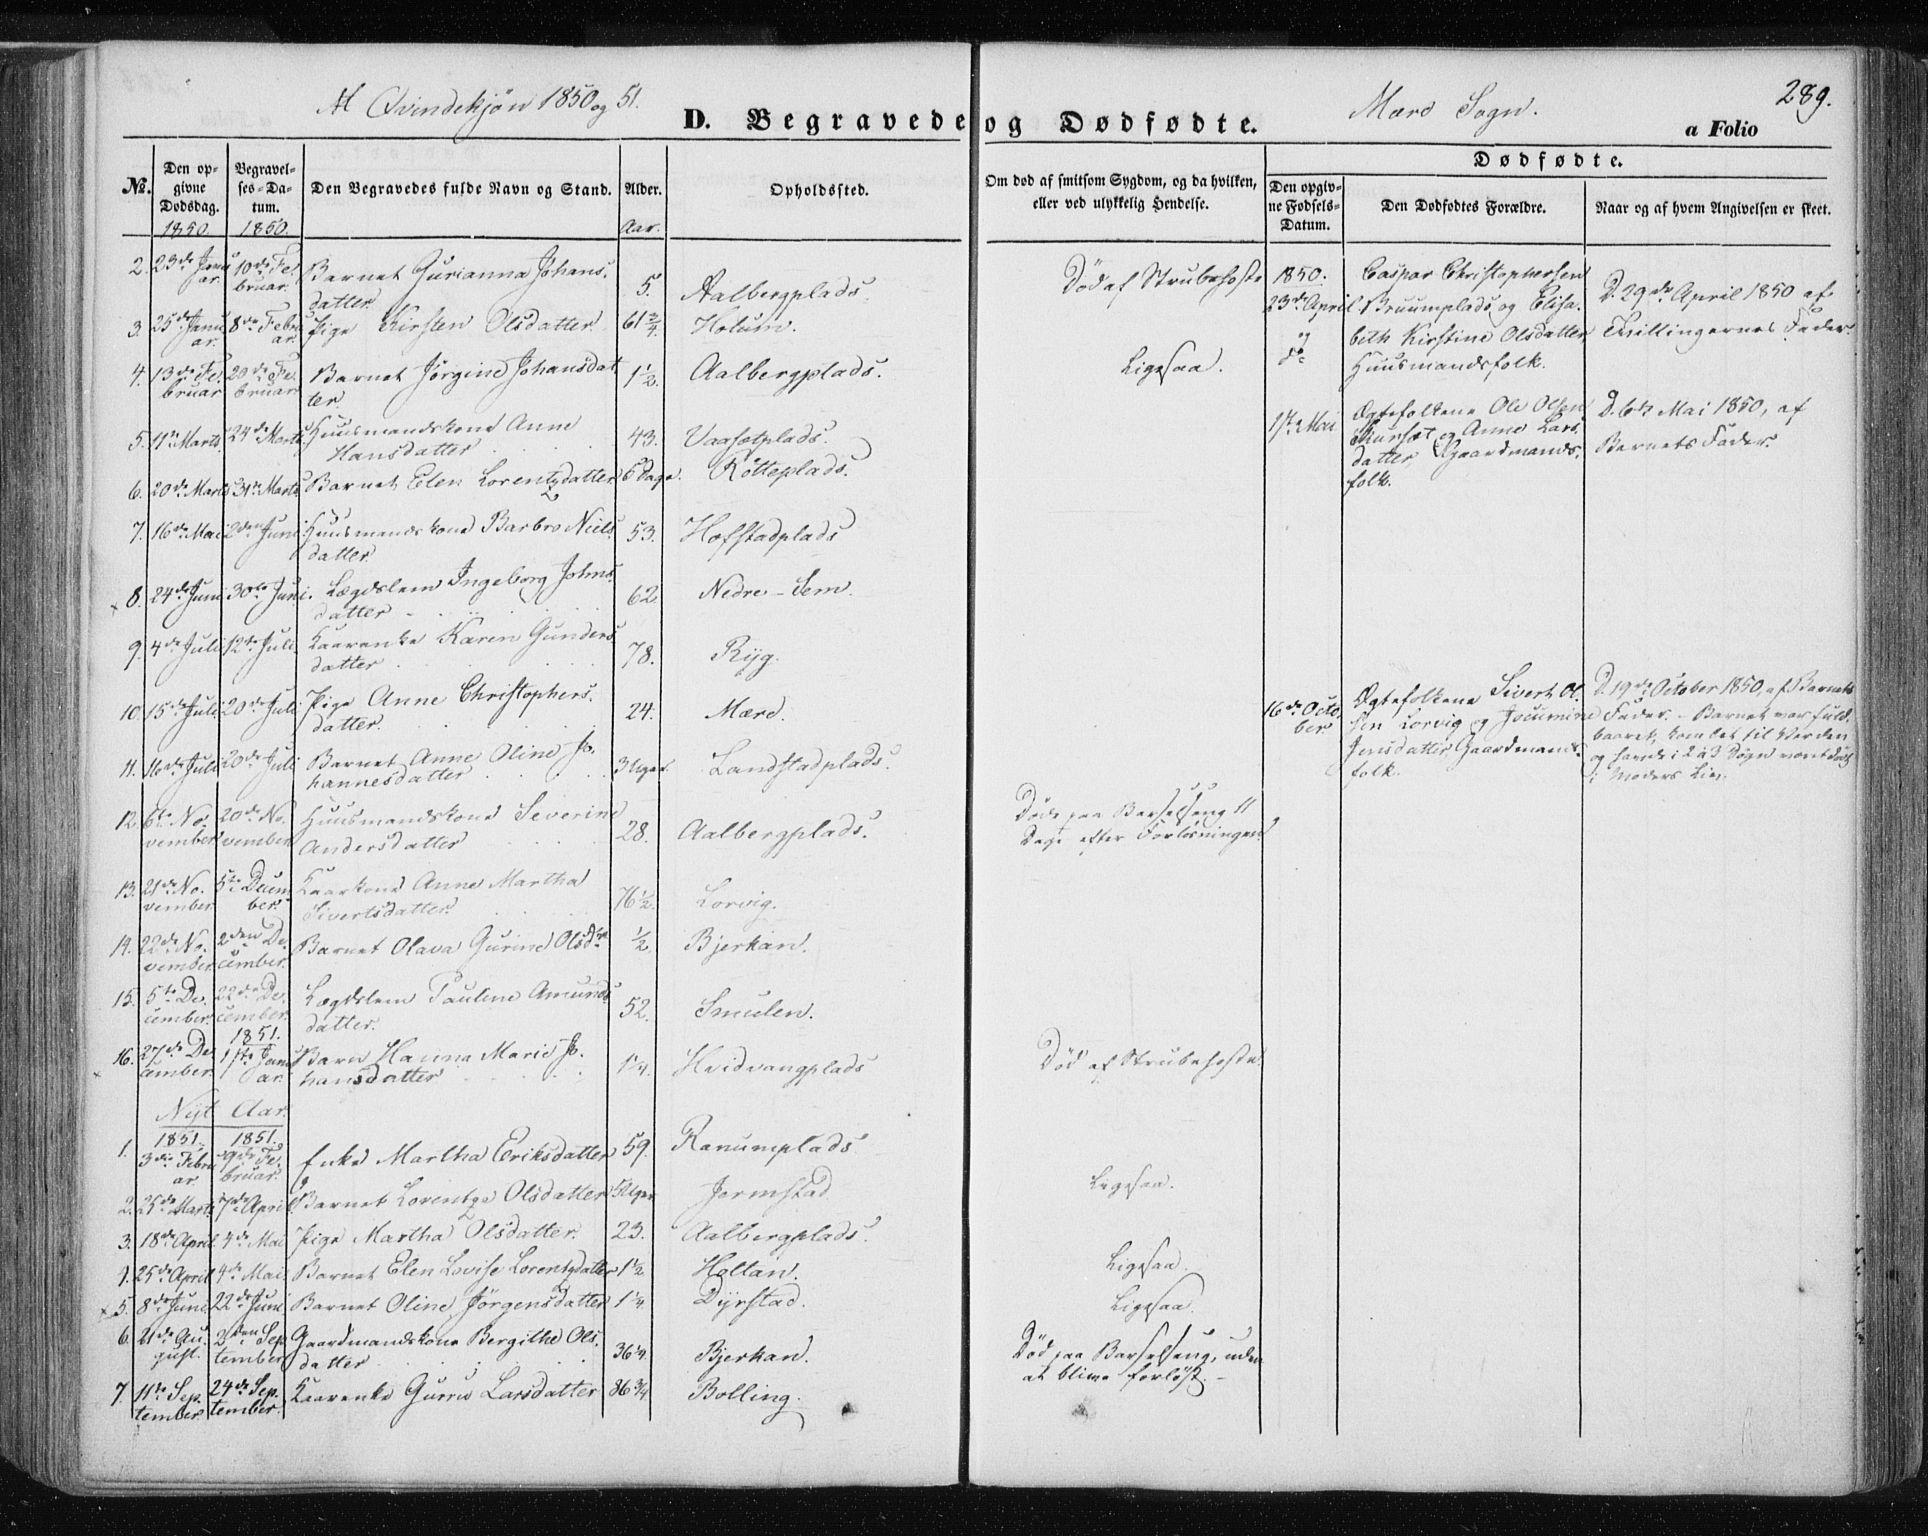 SAT, Ministerialprotokoller, klokkerbøker og fødselsregistre - Nord-Trøndelag, 735/L0342: Ministerialbok nr. 735A07 /1, 1849-1862, s. 289